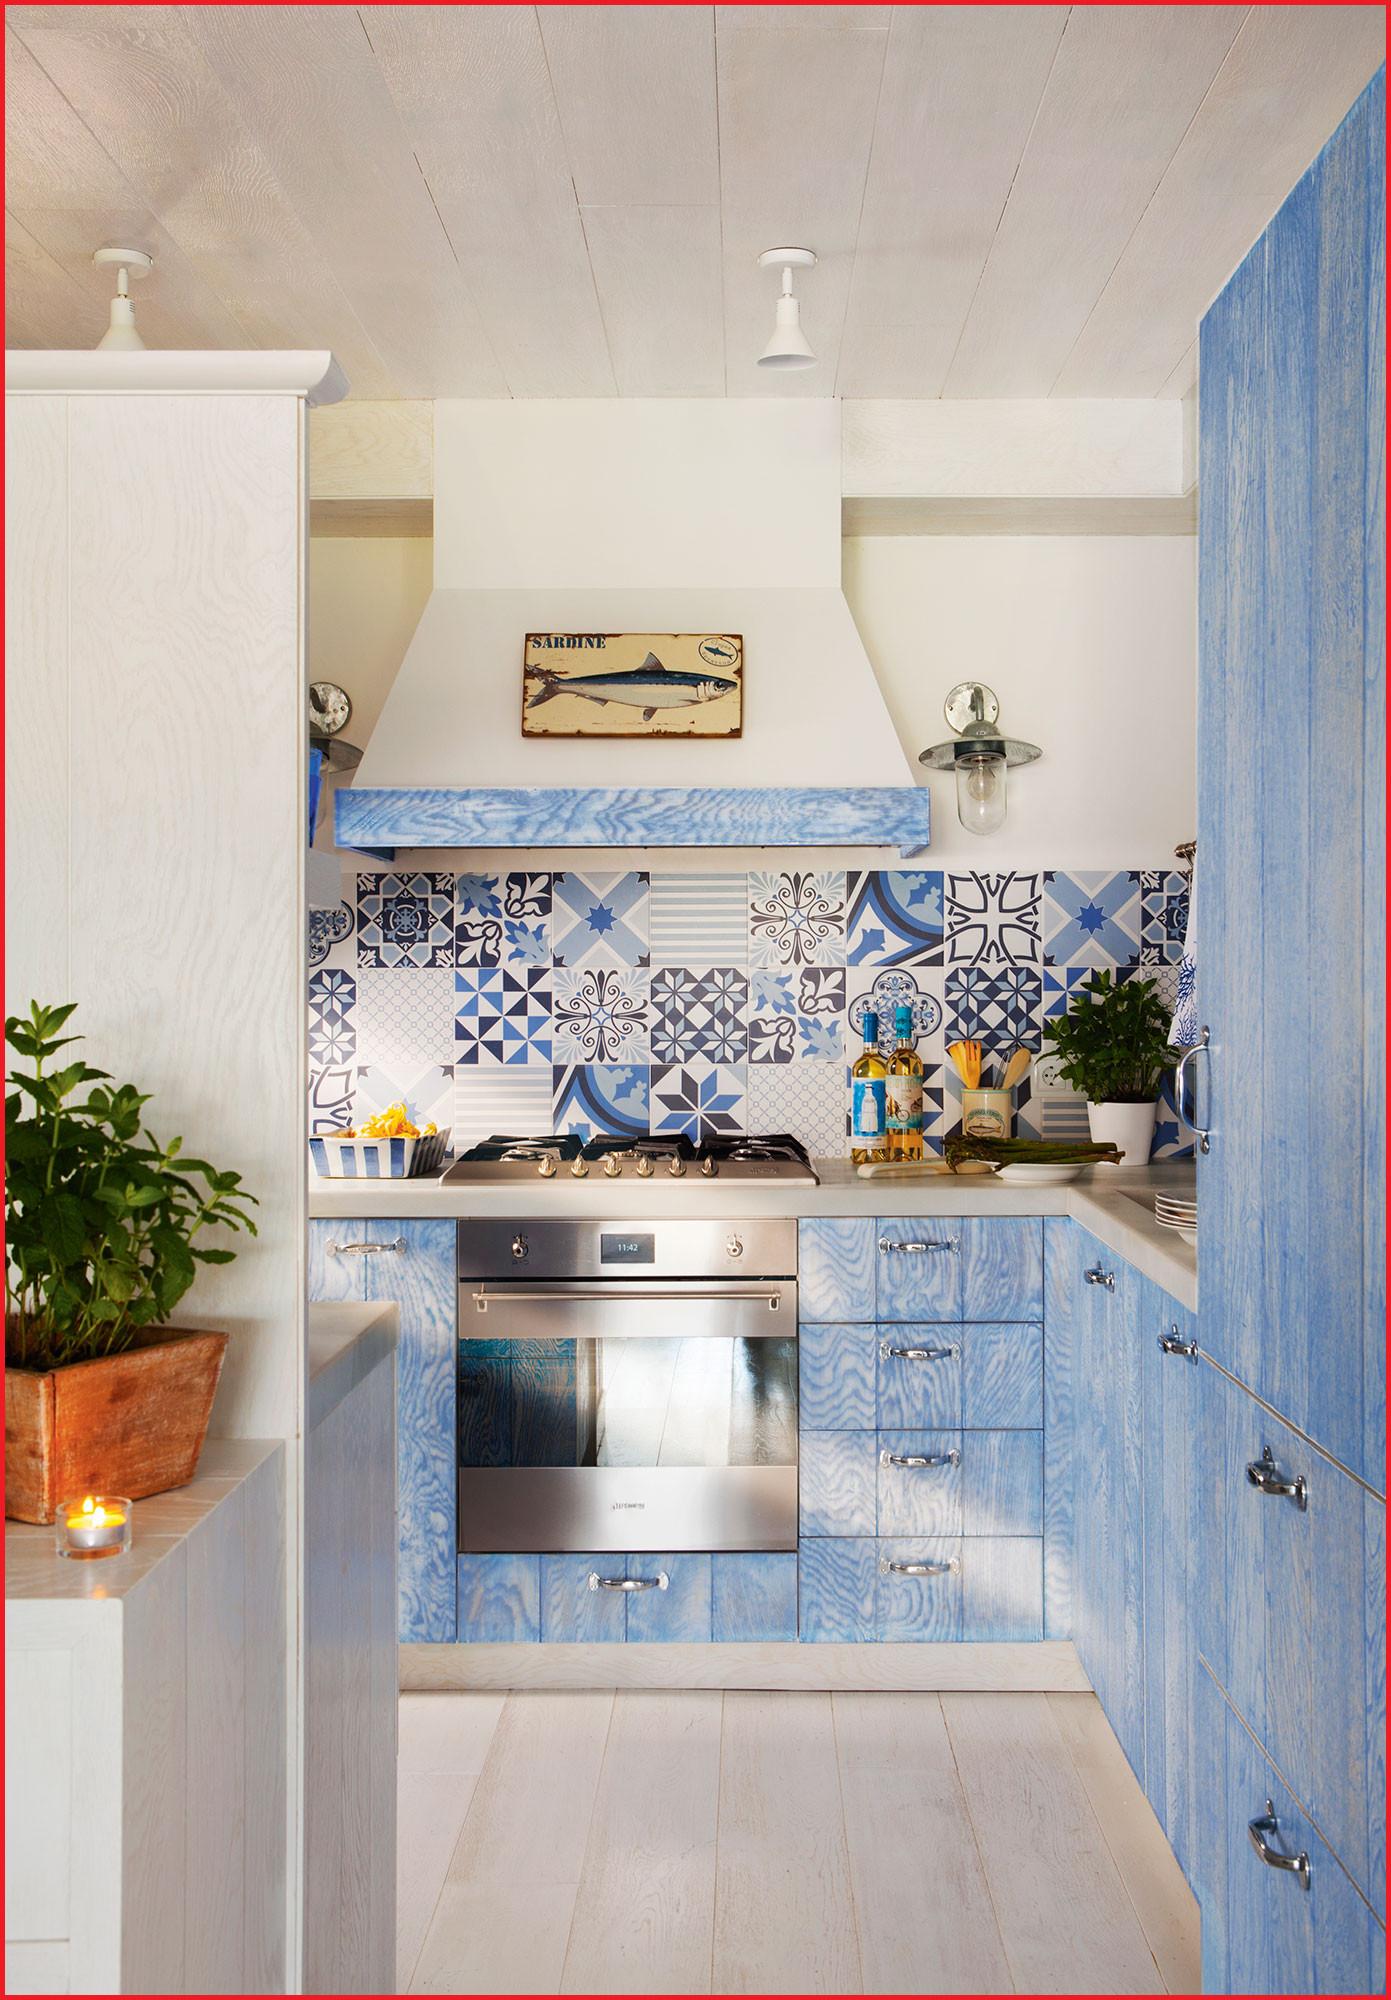 Reforma con azulejos en cocina - Reformas Baratas Cordoba